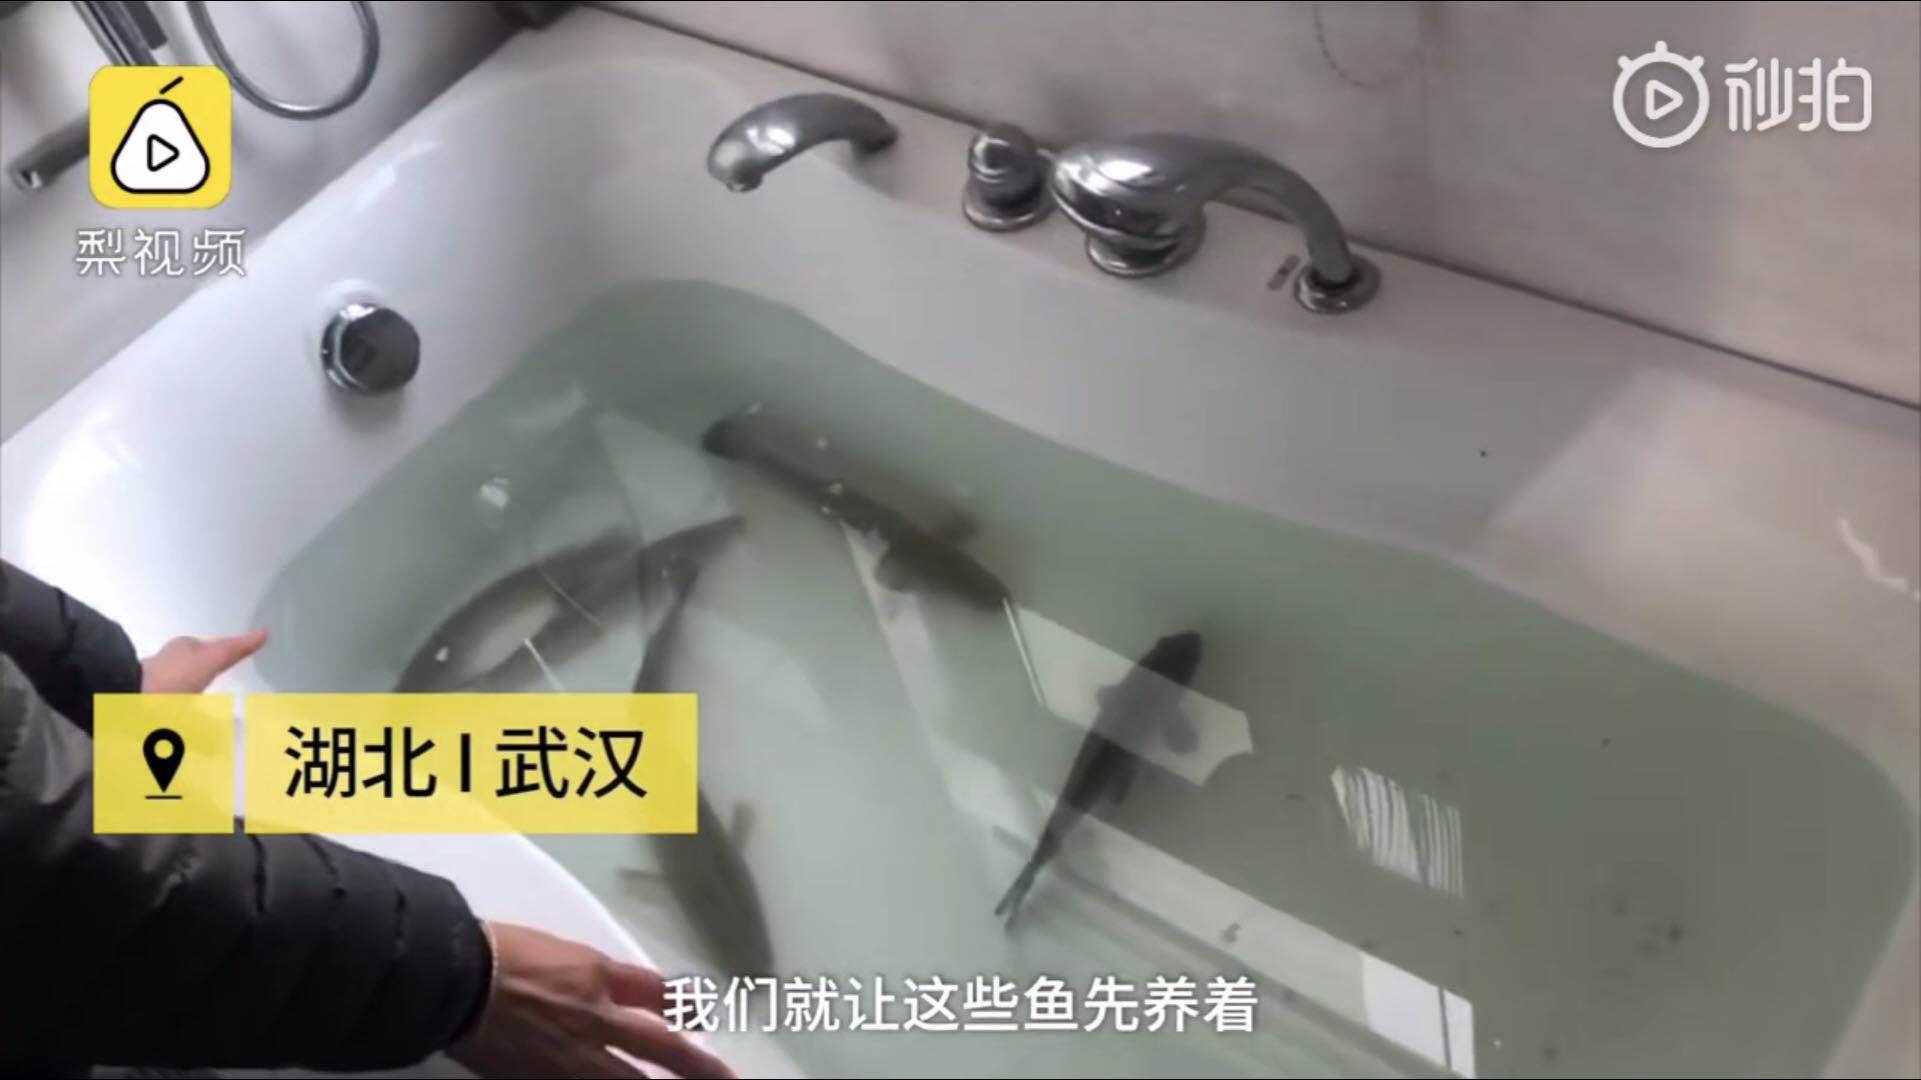 武汉市民浴缸里养鱼:冰箱里吃完再吃活鱼